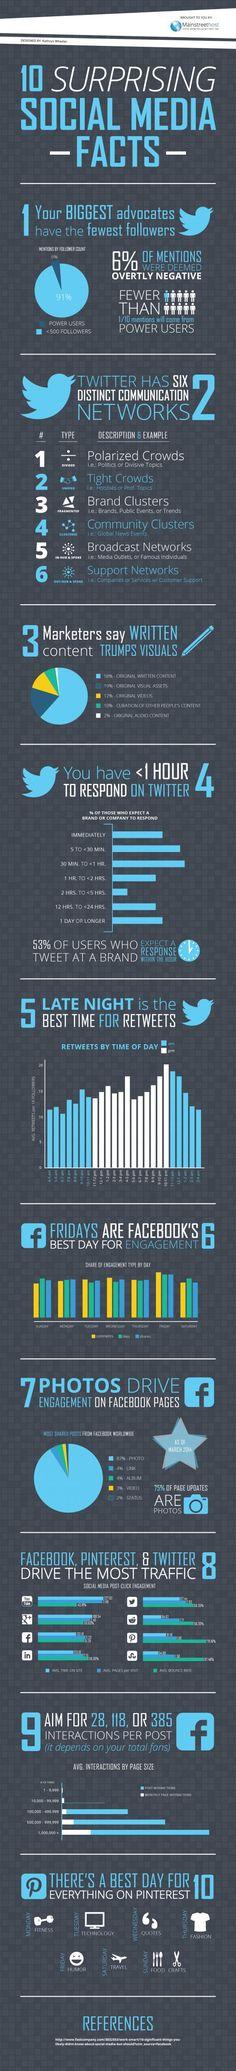 10 Surprising Social Media Facts - http://www.grahamjones.co.uk/2014/articles/social-media-articles/10-surprising-social-media-facts.html